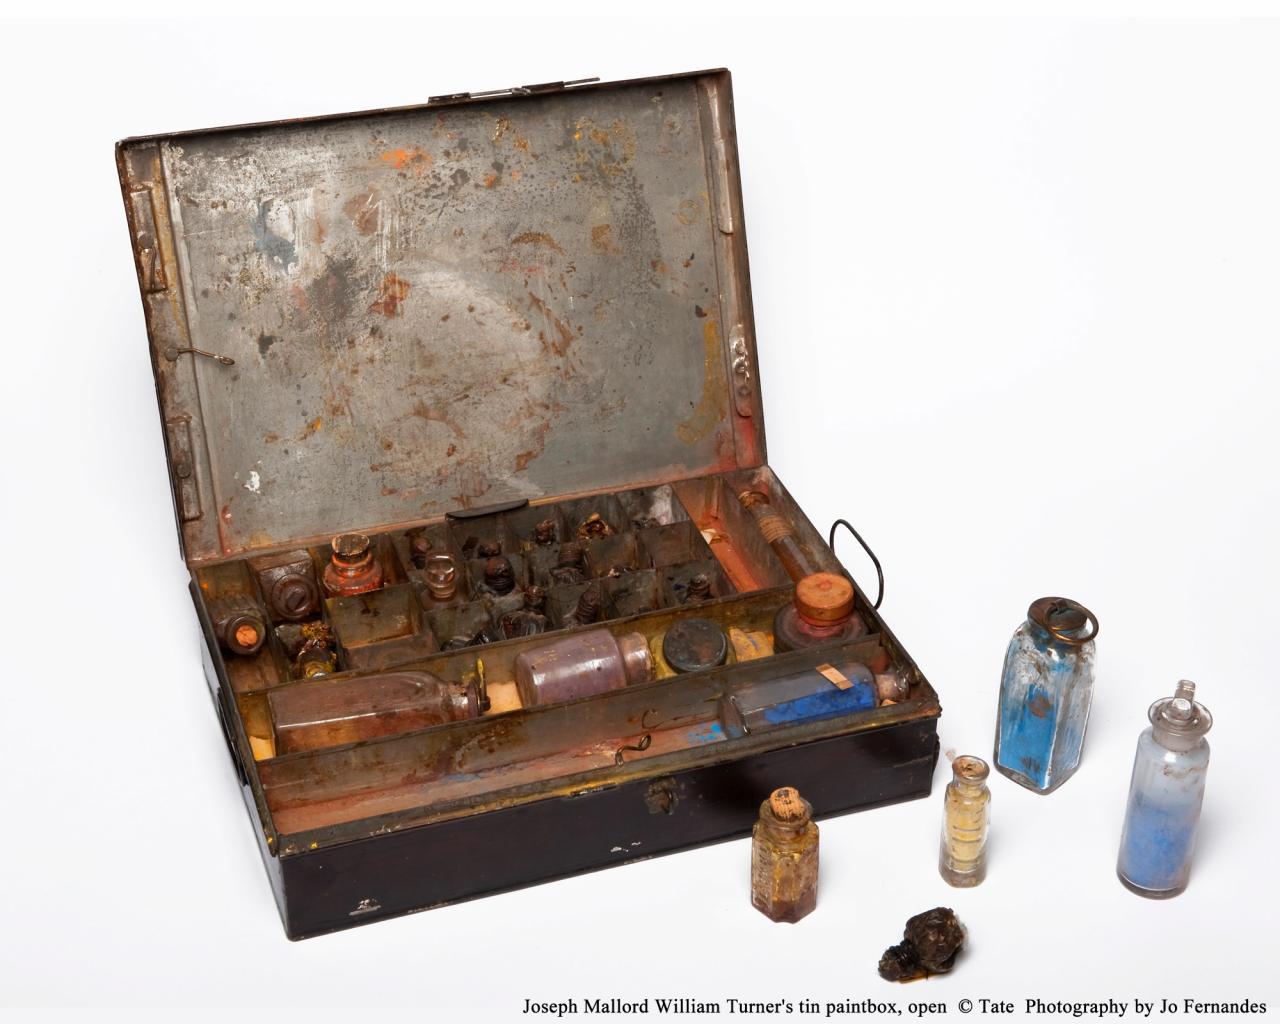 约瑟夫.马洛.威廉.泰纳《金属画具箱》的图片